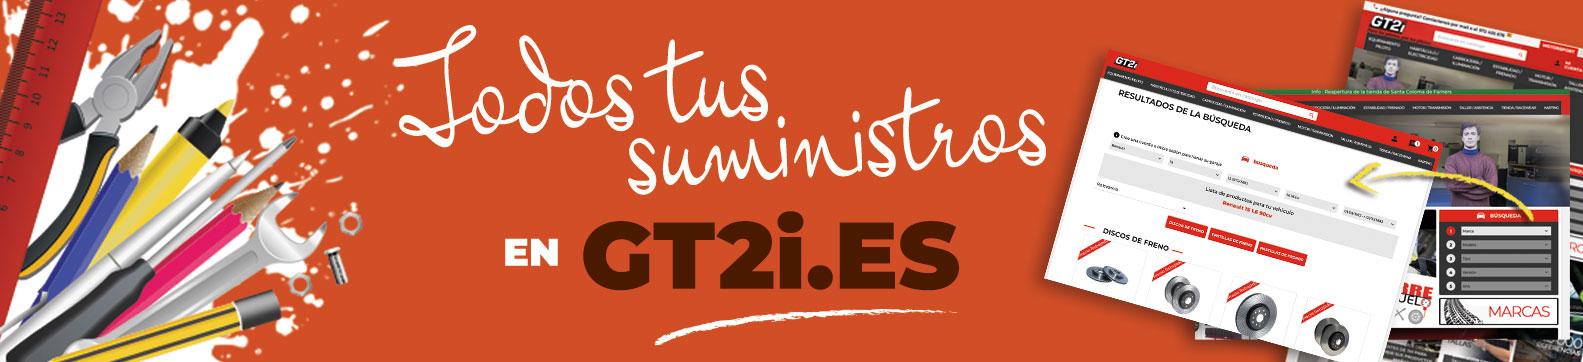 GT2i Espana